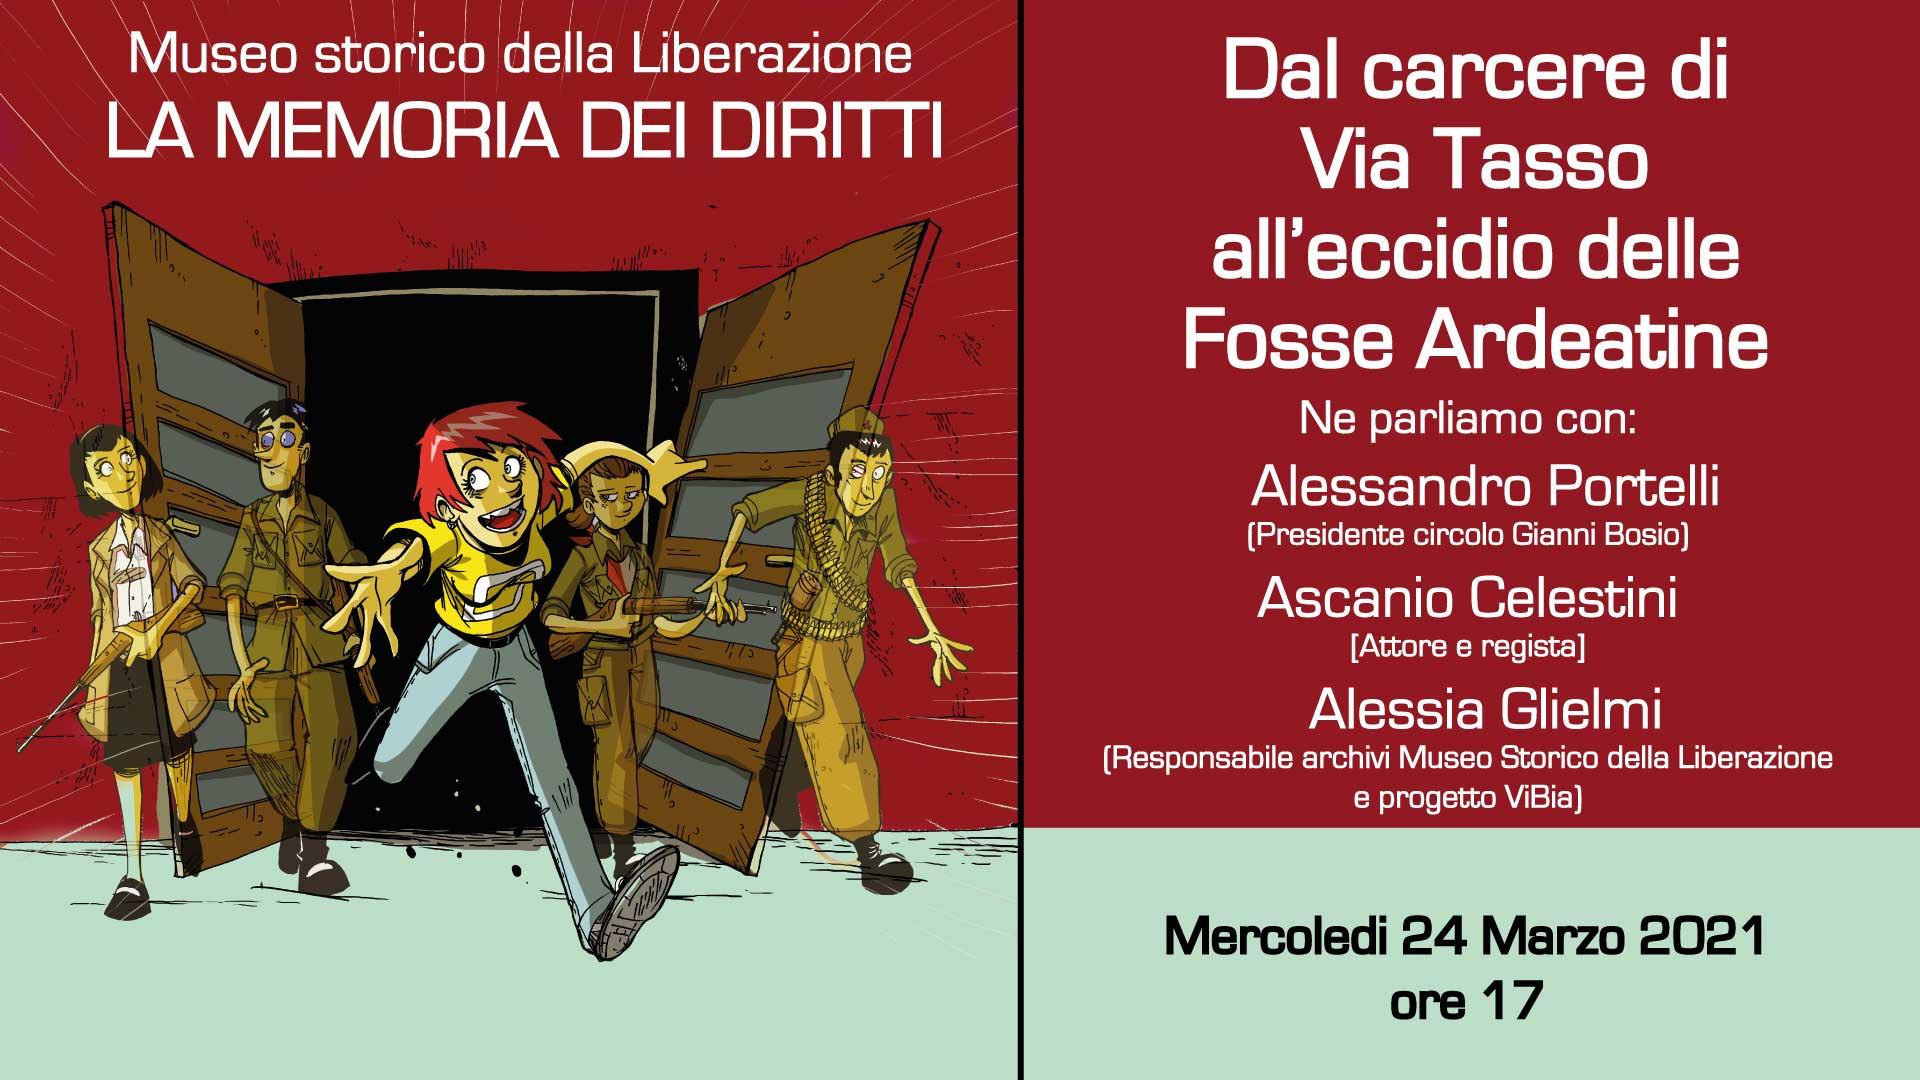 http://www.icom-italia.org/wp-content/uploads/wpforms/10320-faf7ed92f83be88bc622f726ed042c0c/3.-Fosse-Ardeatine-24-marzo-2021-109eeec0e2740a3057e66b7aa4e24629.jpg